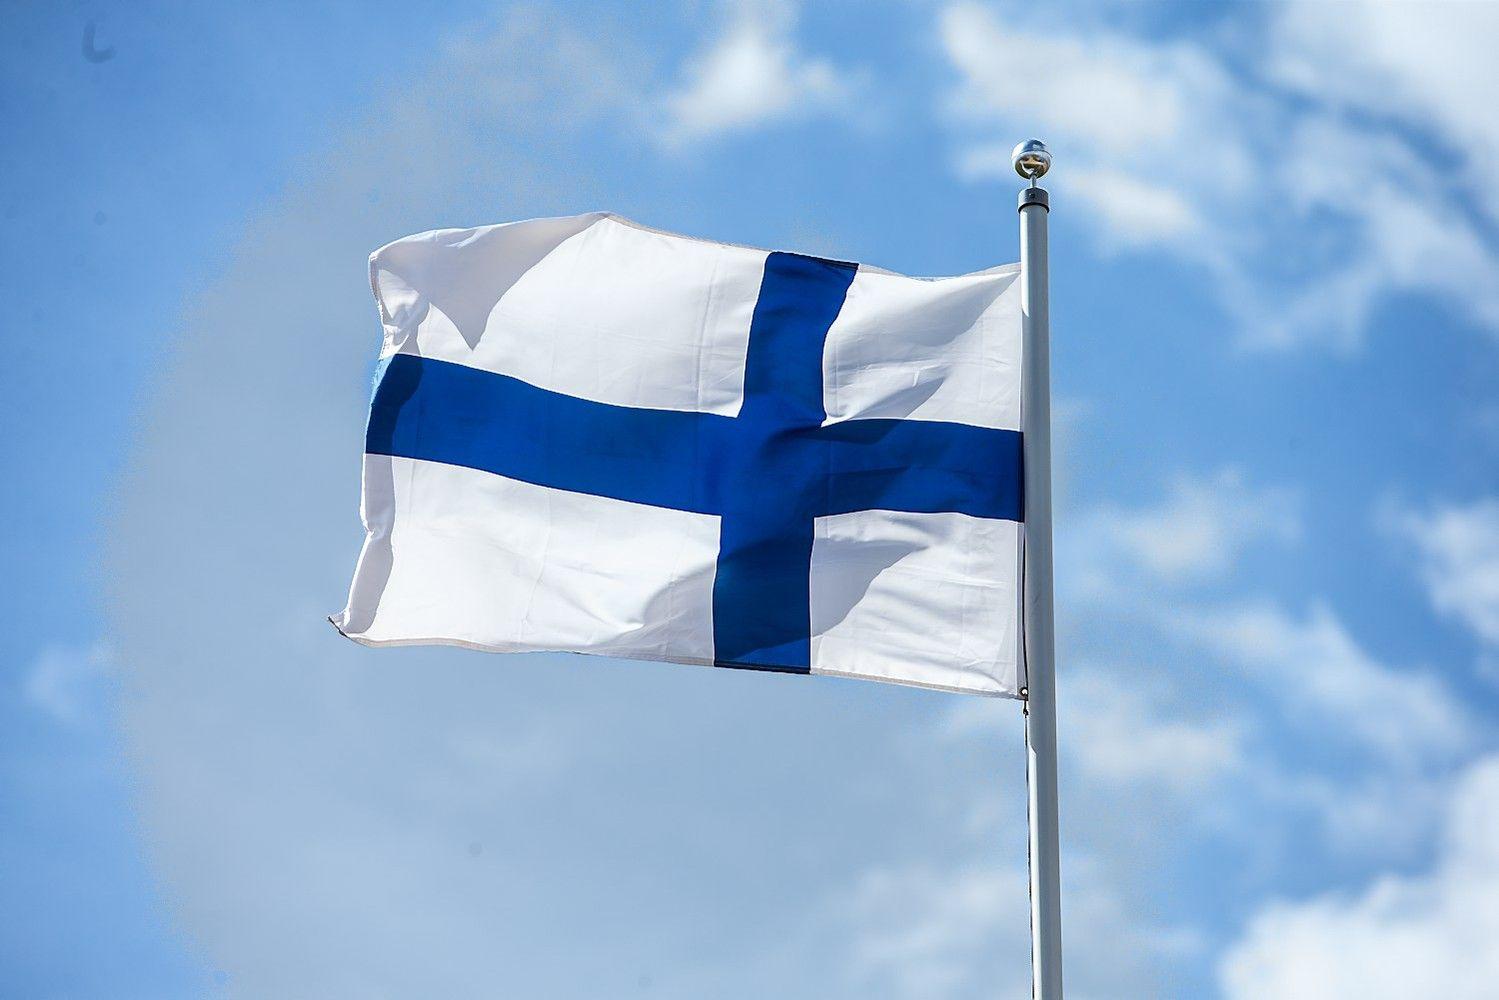 Suomijos miesto pasiūlymas – sklypas namo statybai už 100 Eur